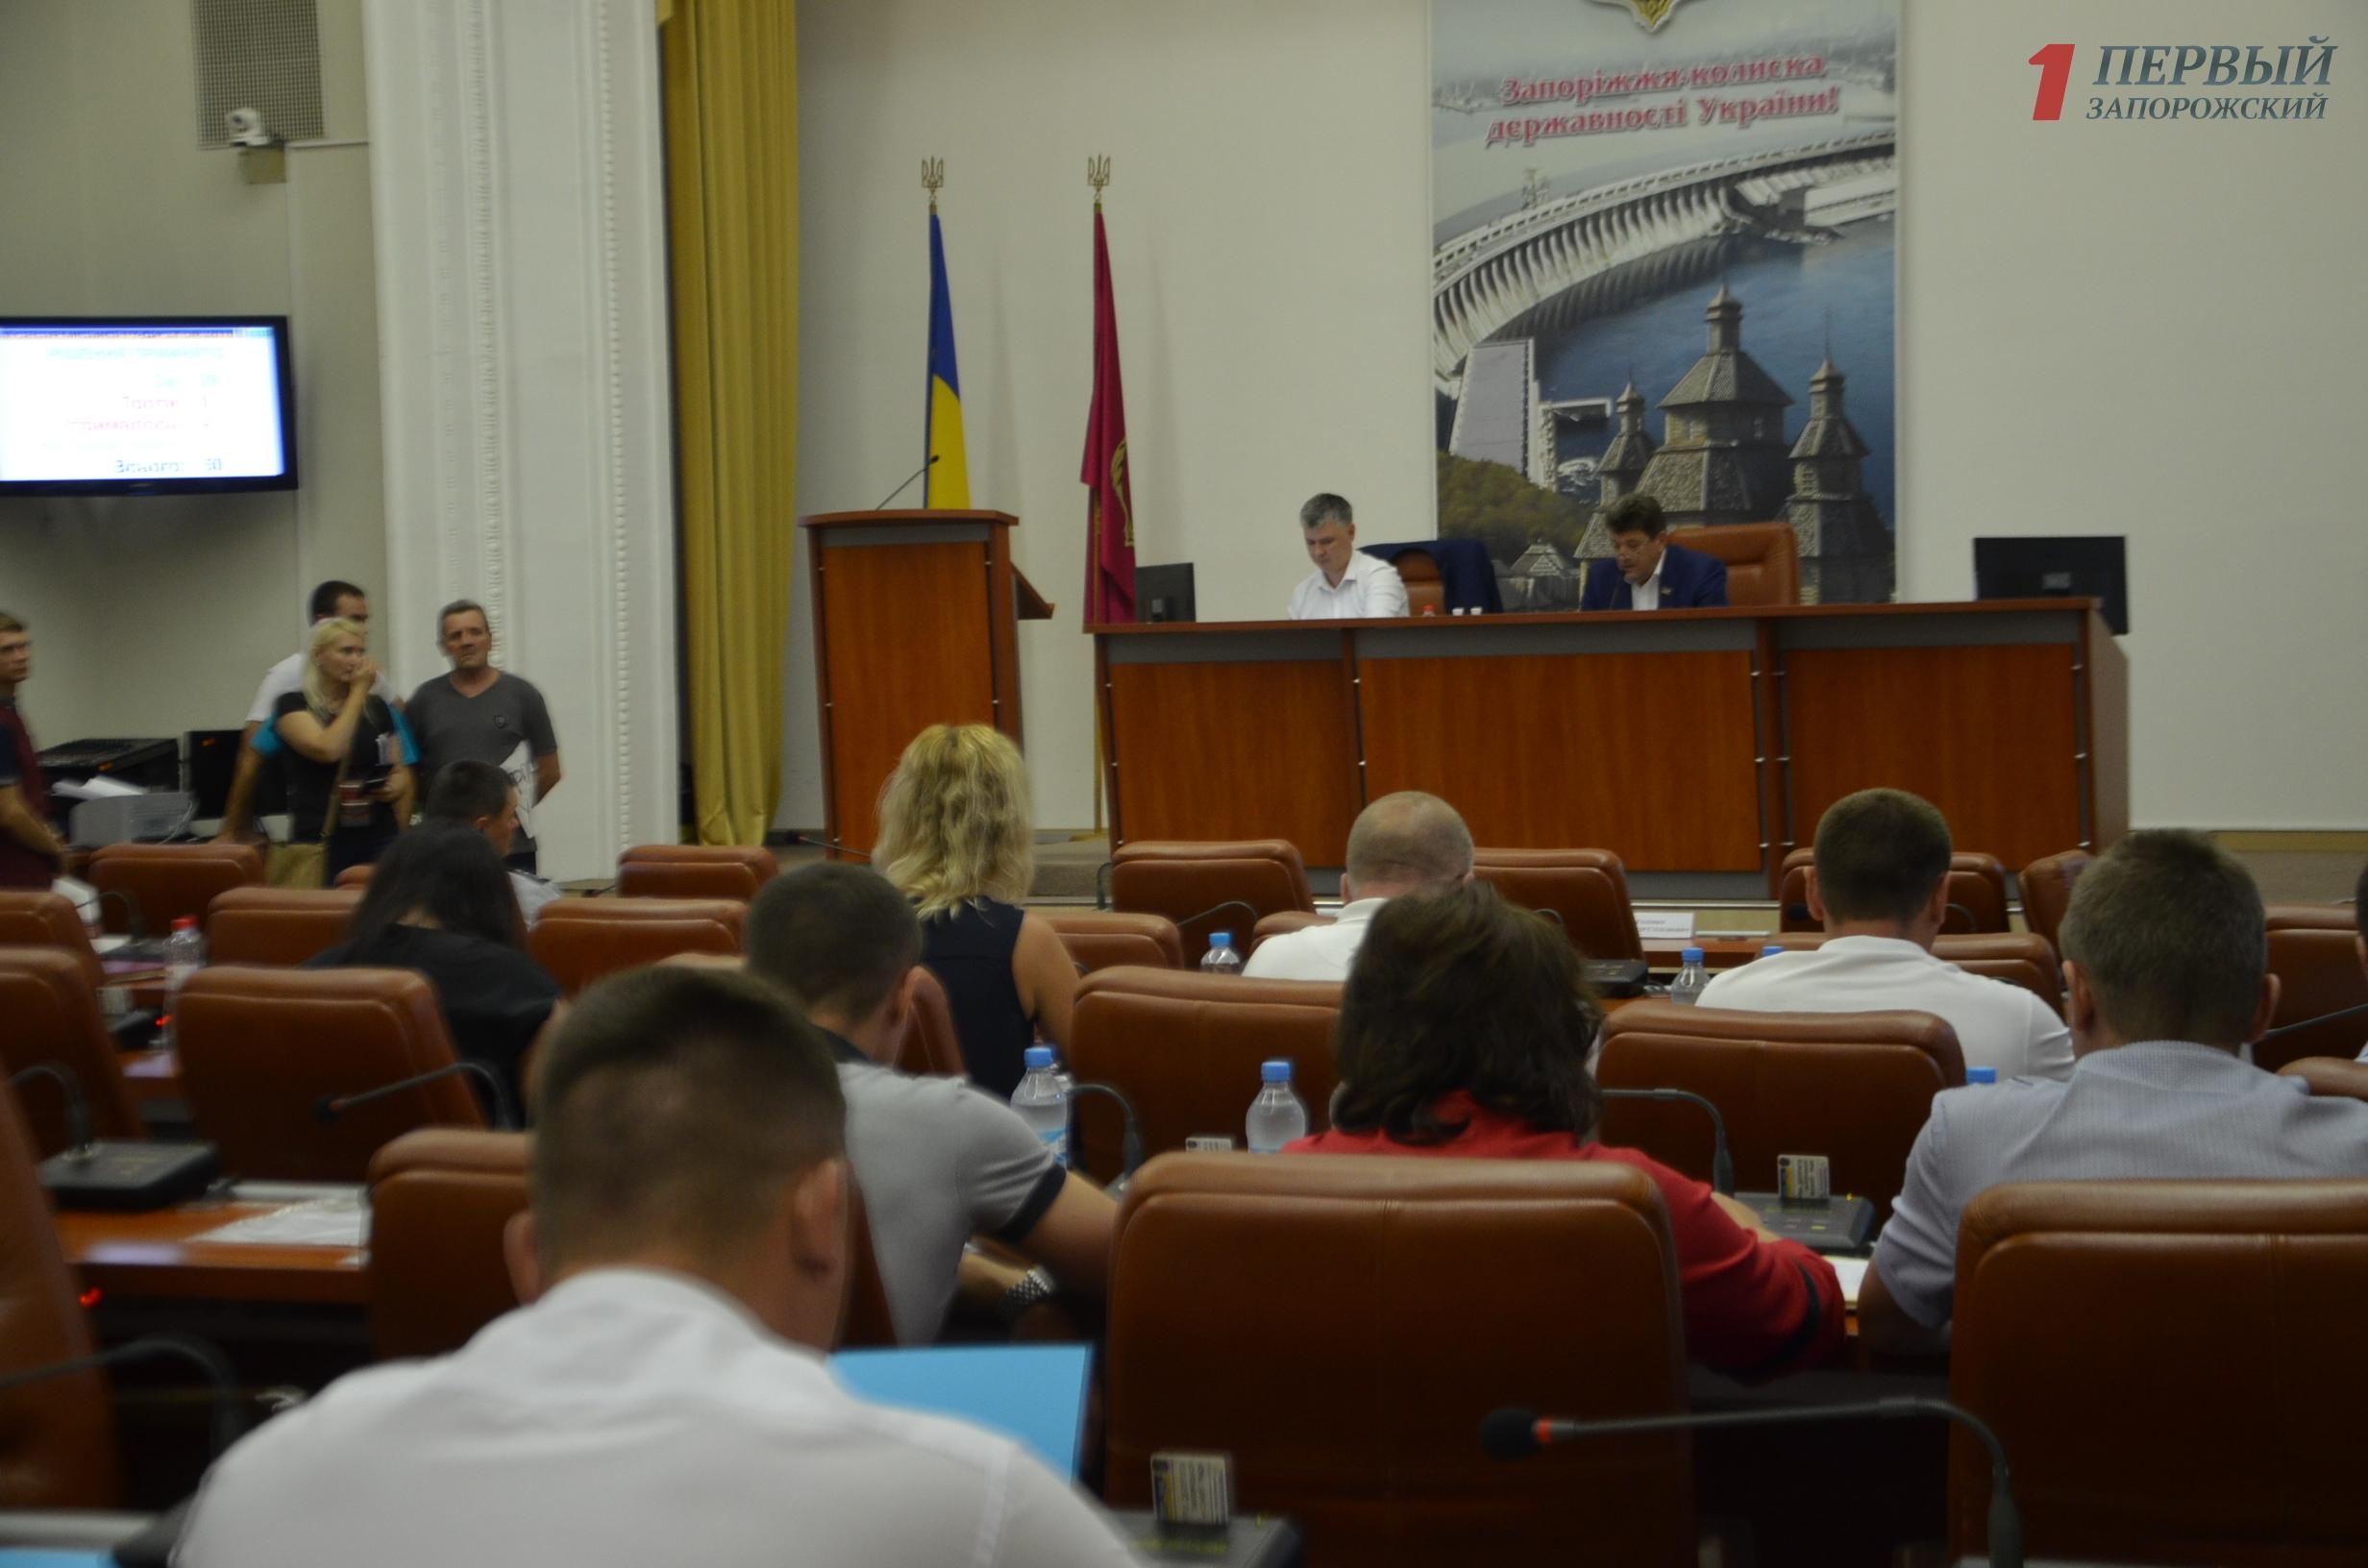 Запорожские депутаты выделили 330 тысяч гривен на переиздание книги о природе Хортицы